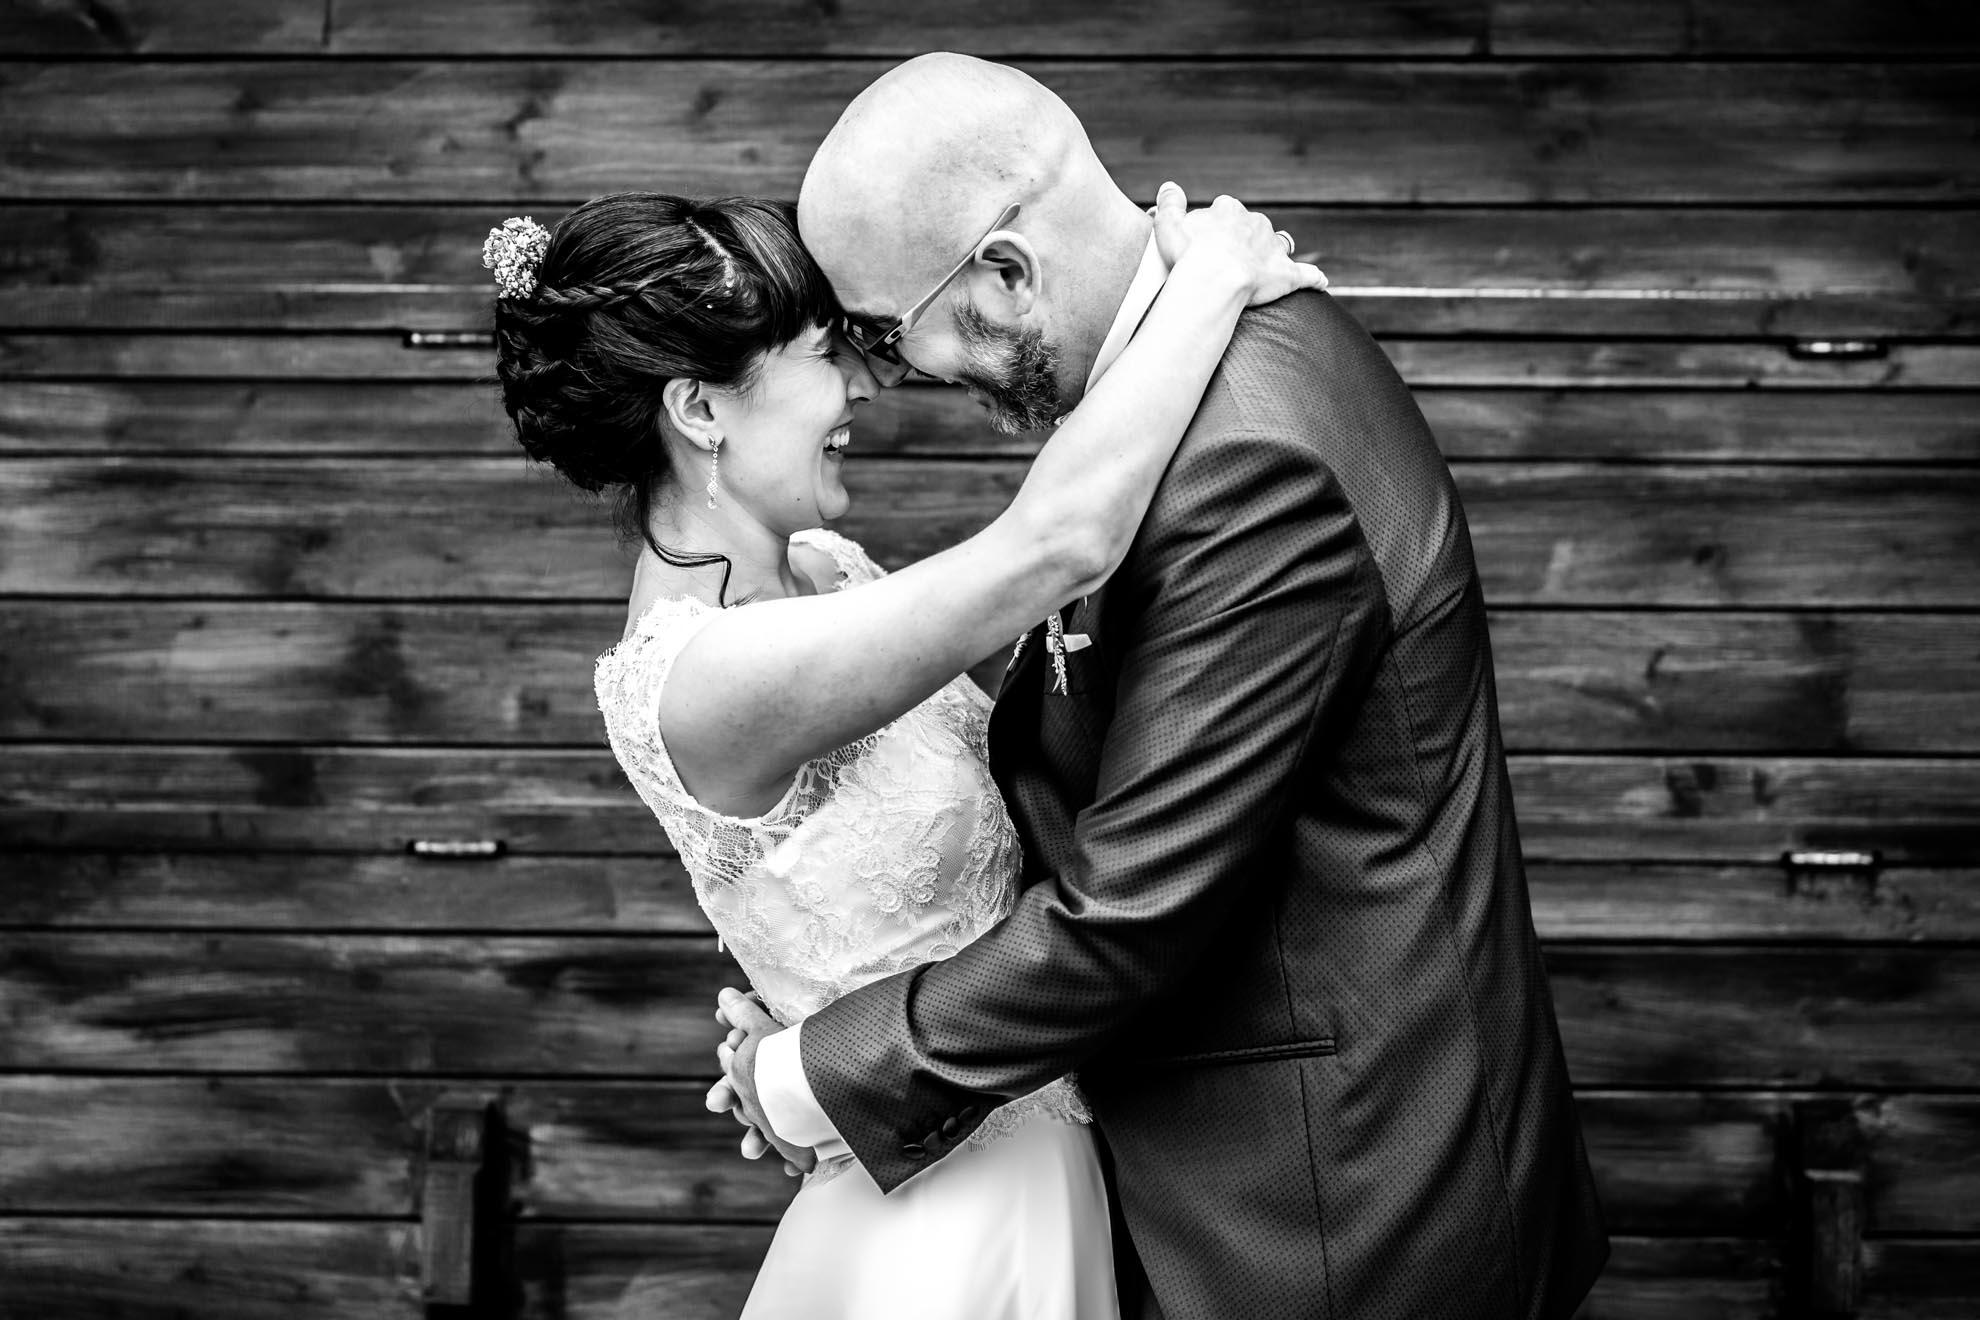 fotografos-bodas-gipuzkoa (8)